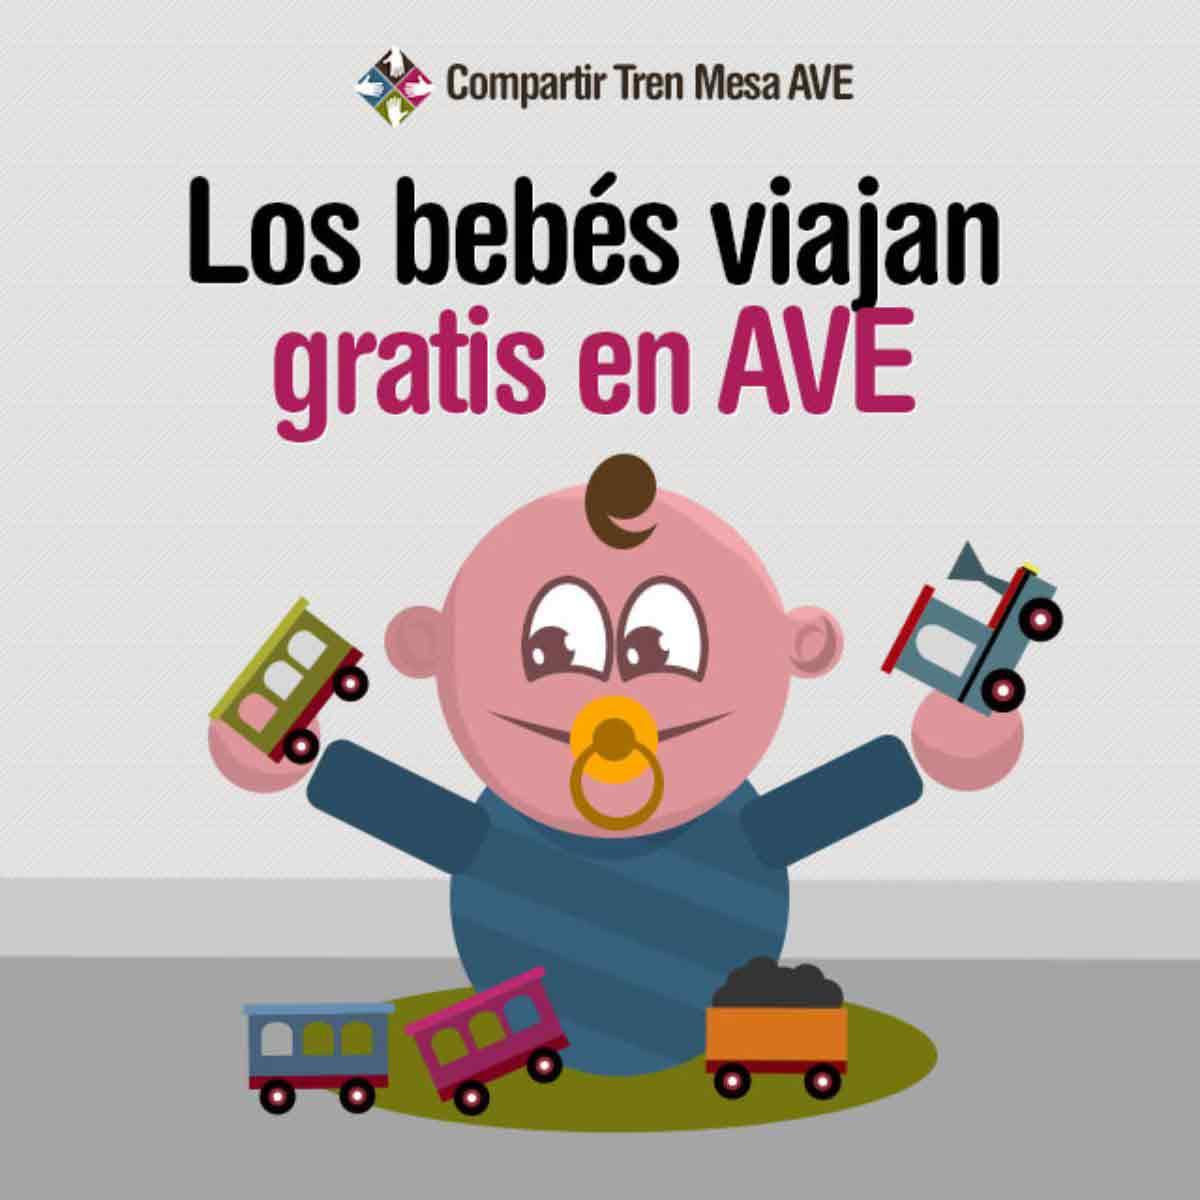 Viajar en AVE con niños menores de 4 años es gratis